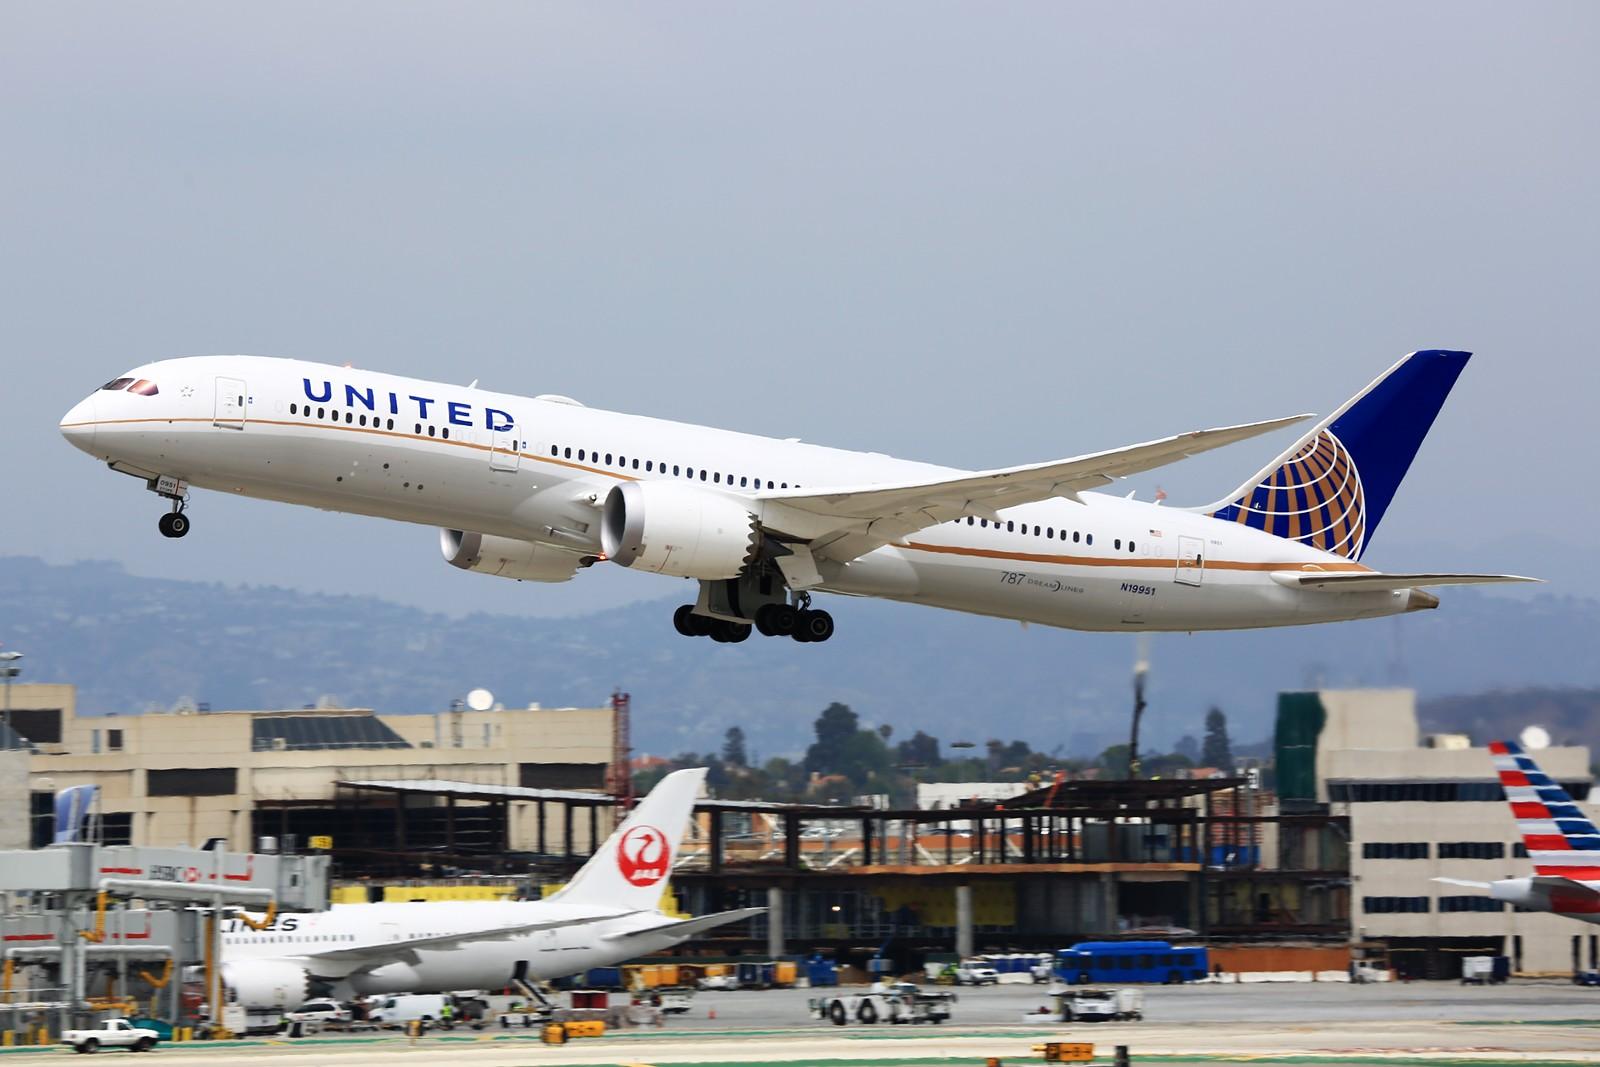 Re:[原创]【LAX】**********Imperial Hill小合集:重载拉起们的日常[1600*1067]********** BOEING 787-9 N19951 美国洛杉矶机场